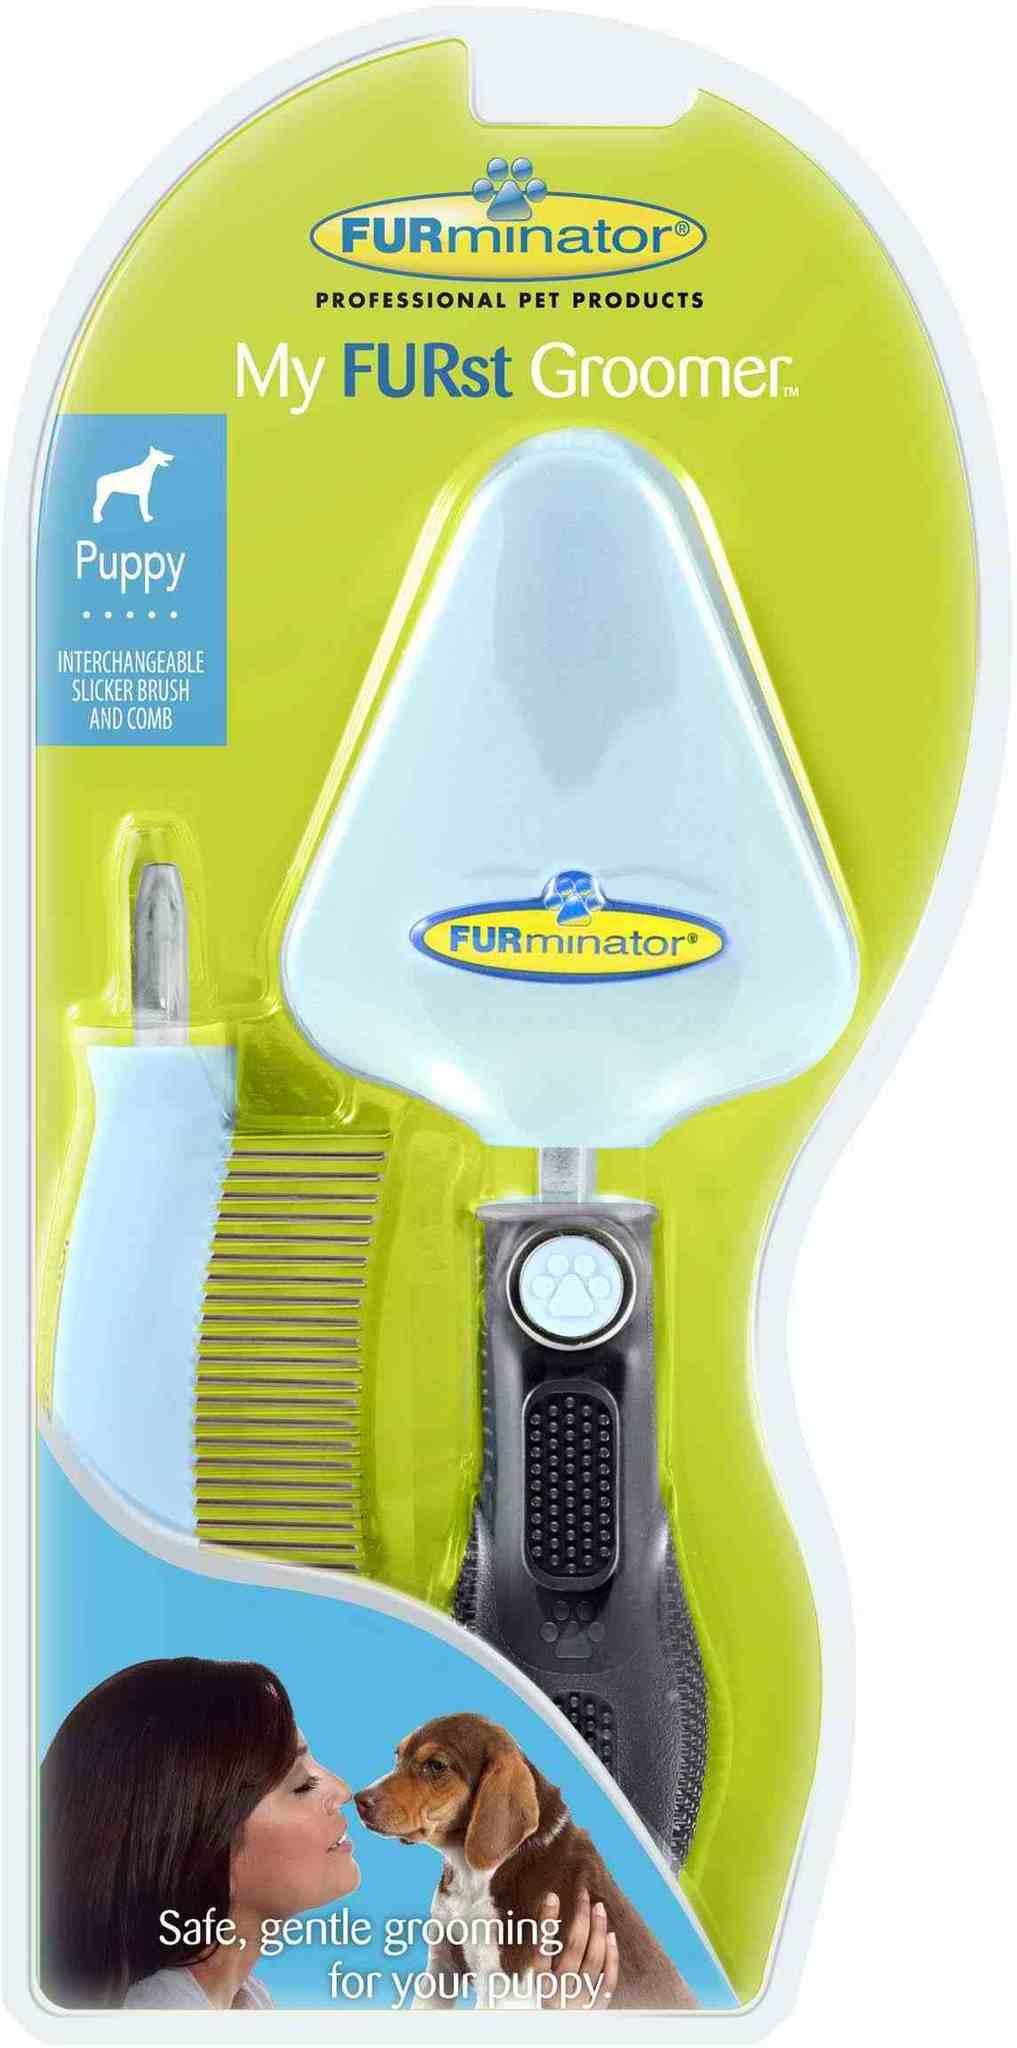 """Furminator FURminator для щенка набор """"Мой первый грумер"""" сликер+расческа My FURst Groomer 3dae089a-3cfd-11e0-1287-001517e97967.jpg"""